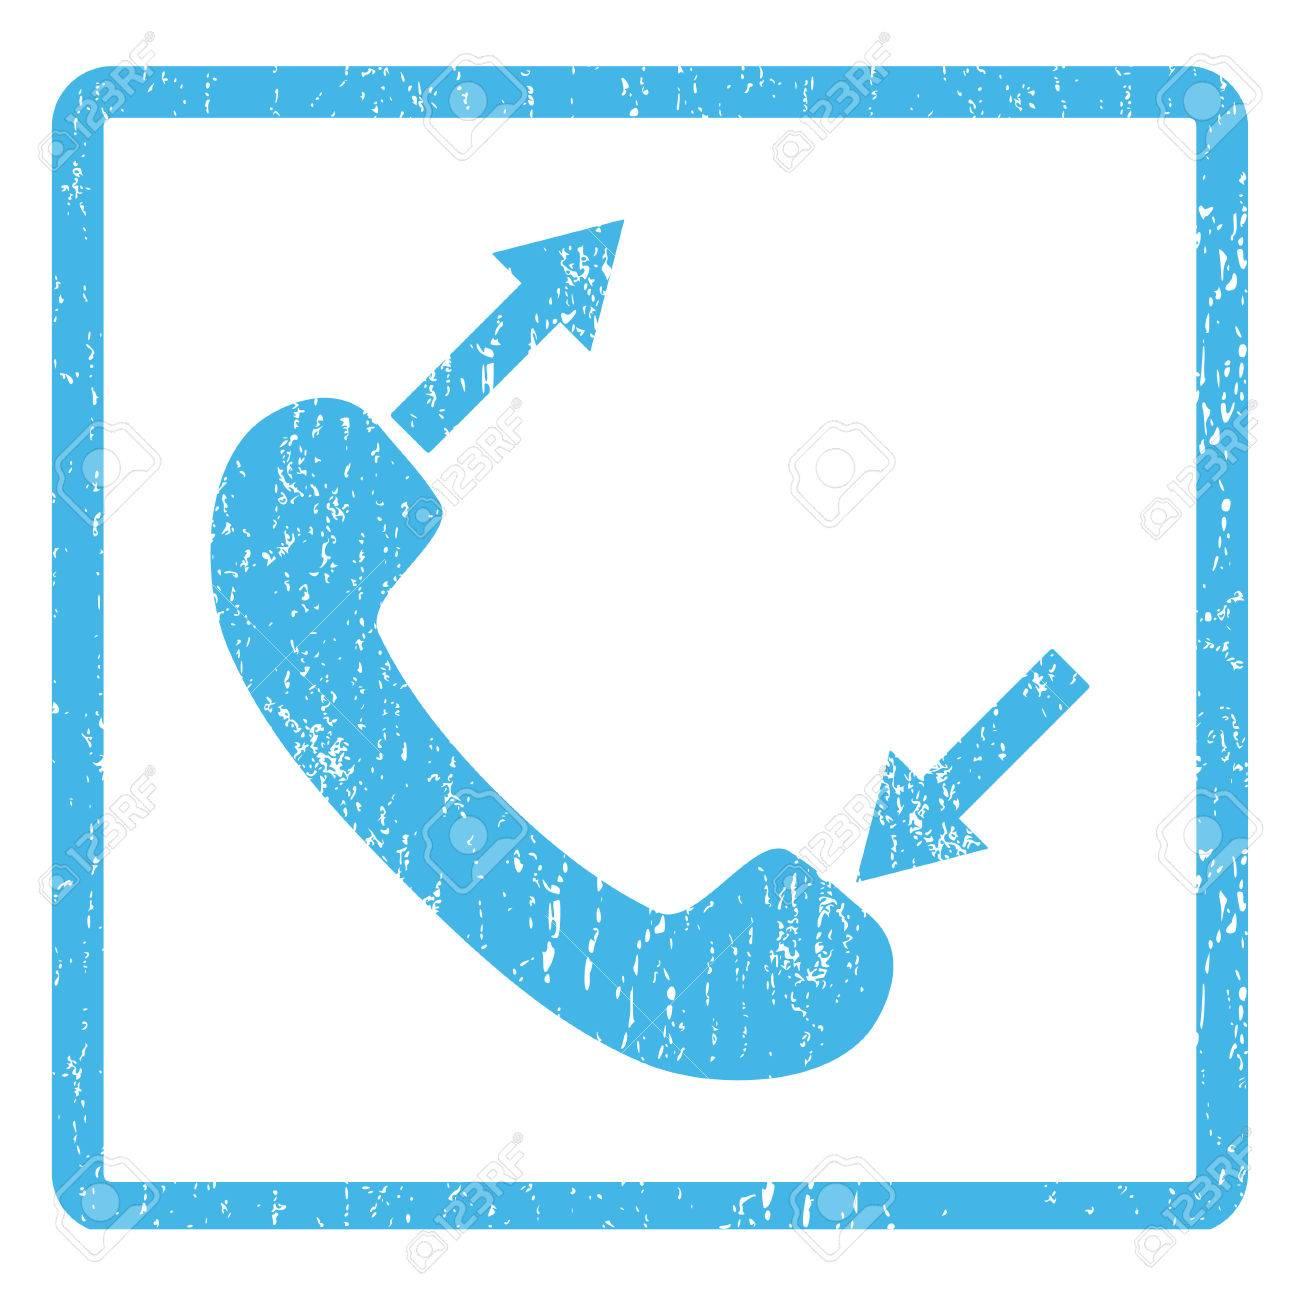 Teléfono Hablar De Sello De Goma Sello Marca De Agua. Símbolo Del ...